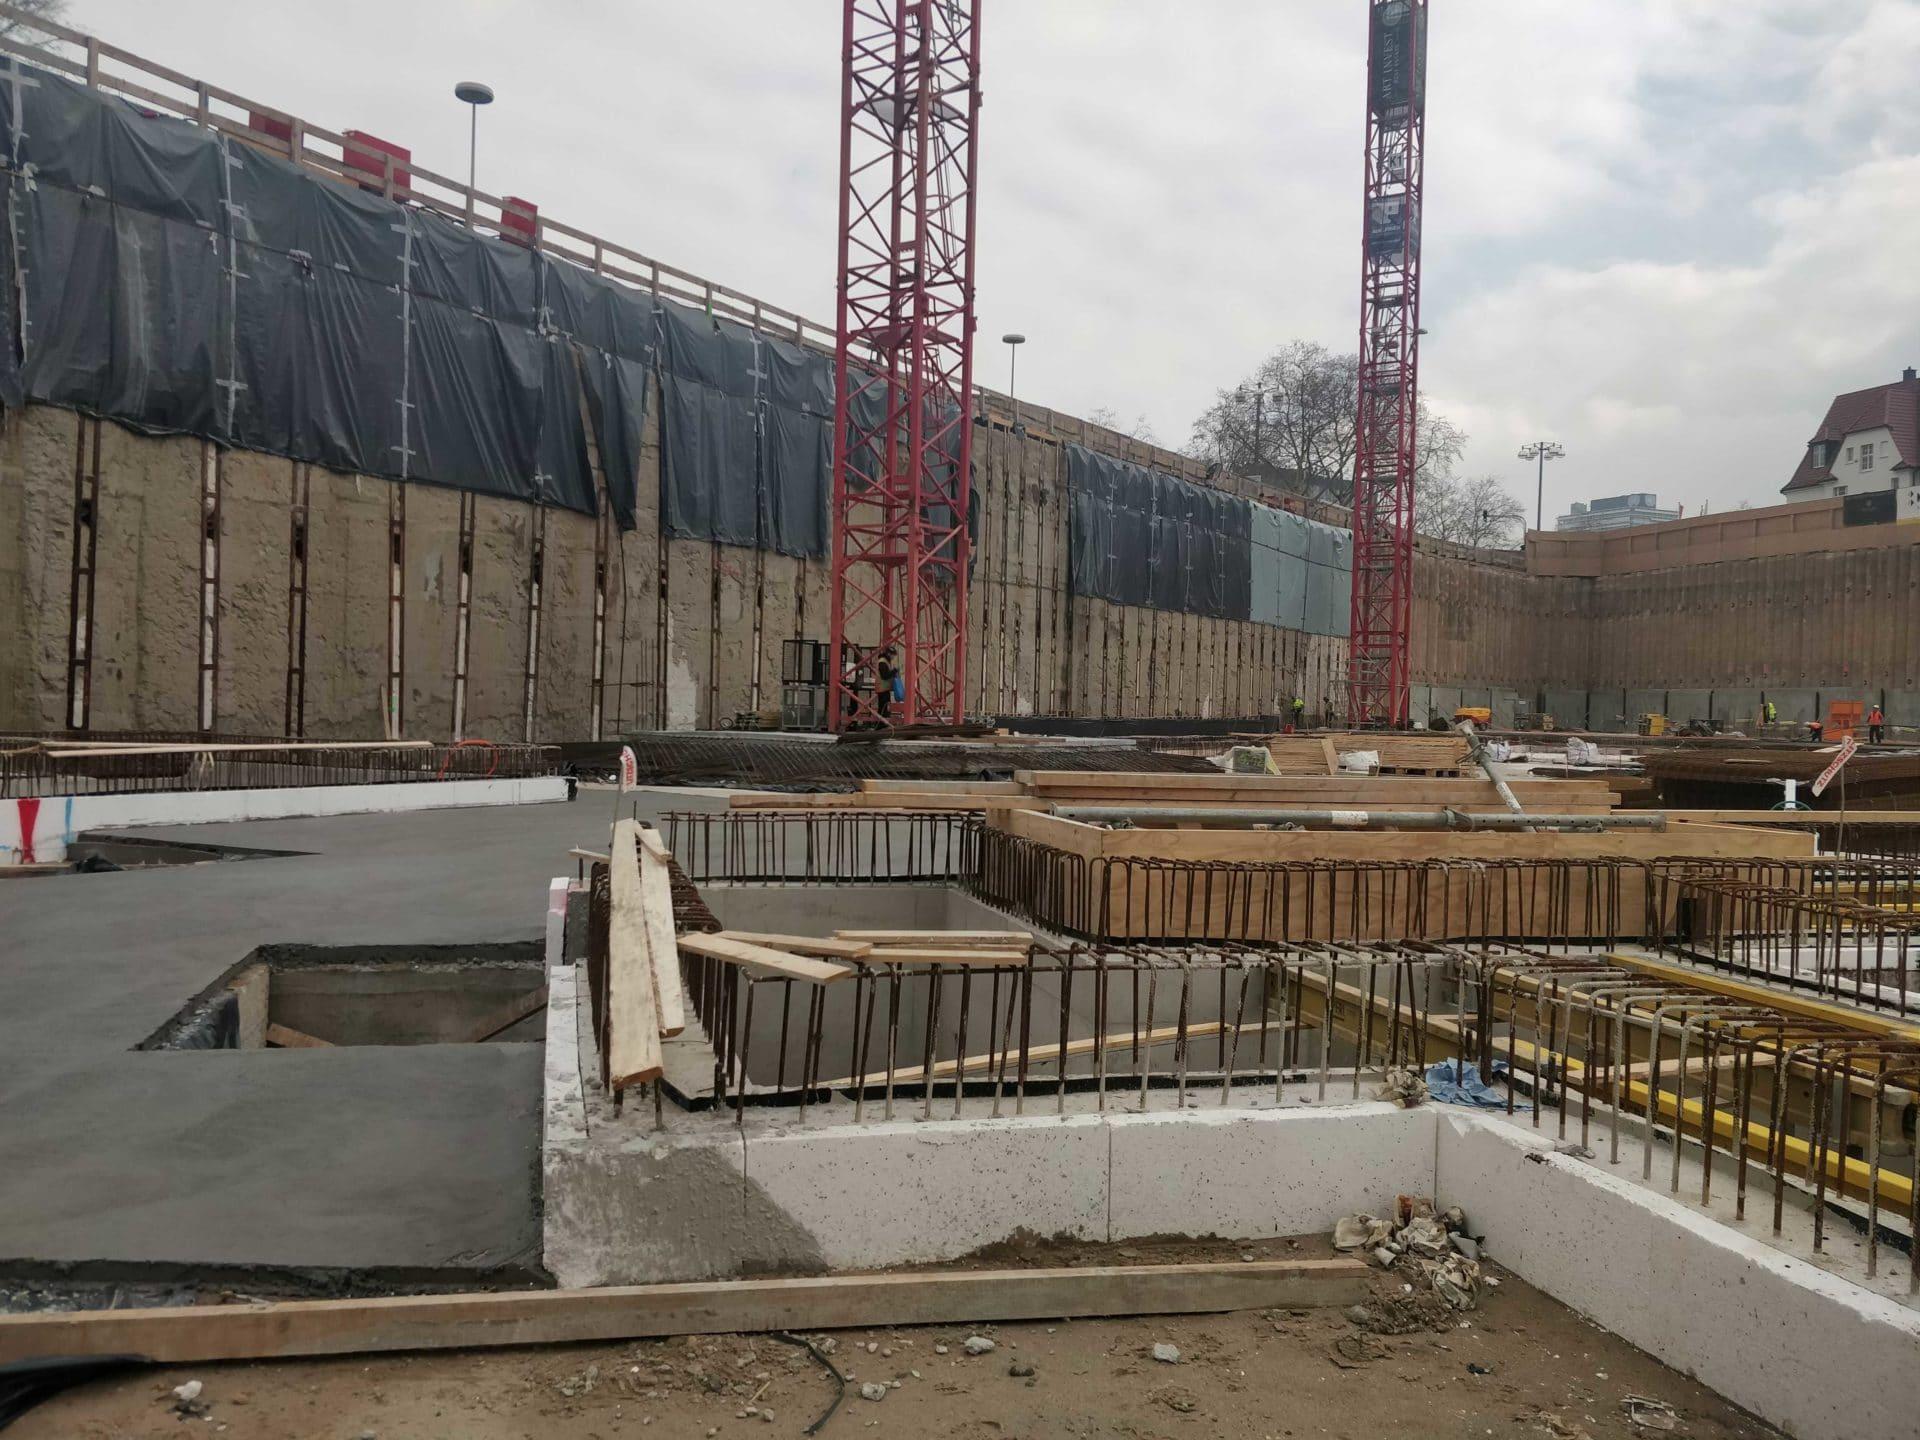 Bauarbeiten am Neuen Kanzlerplatz